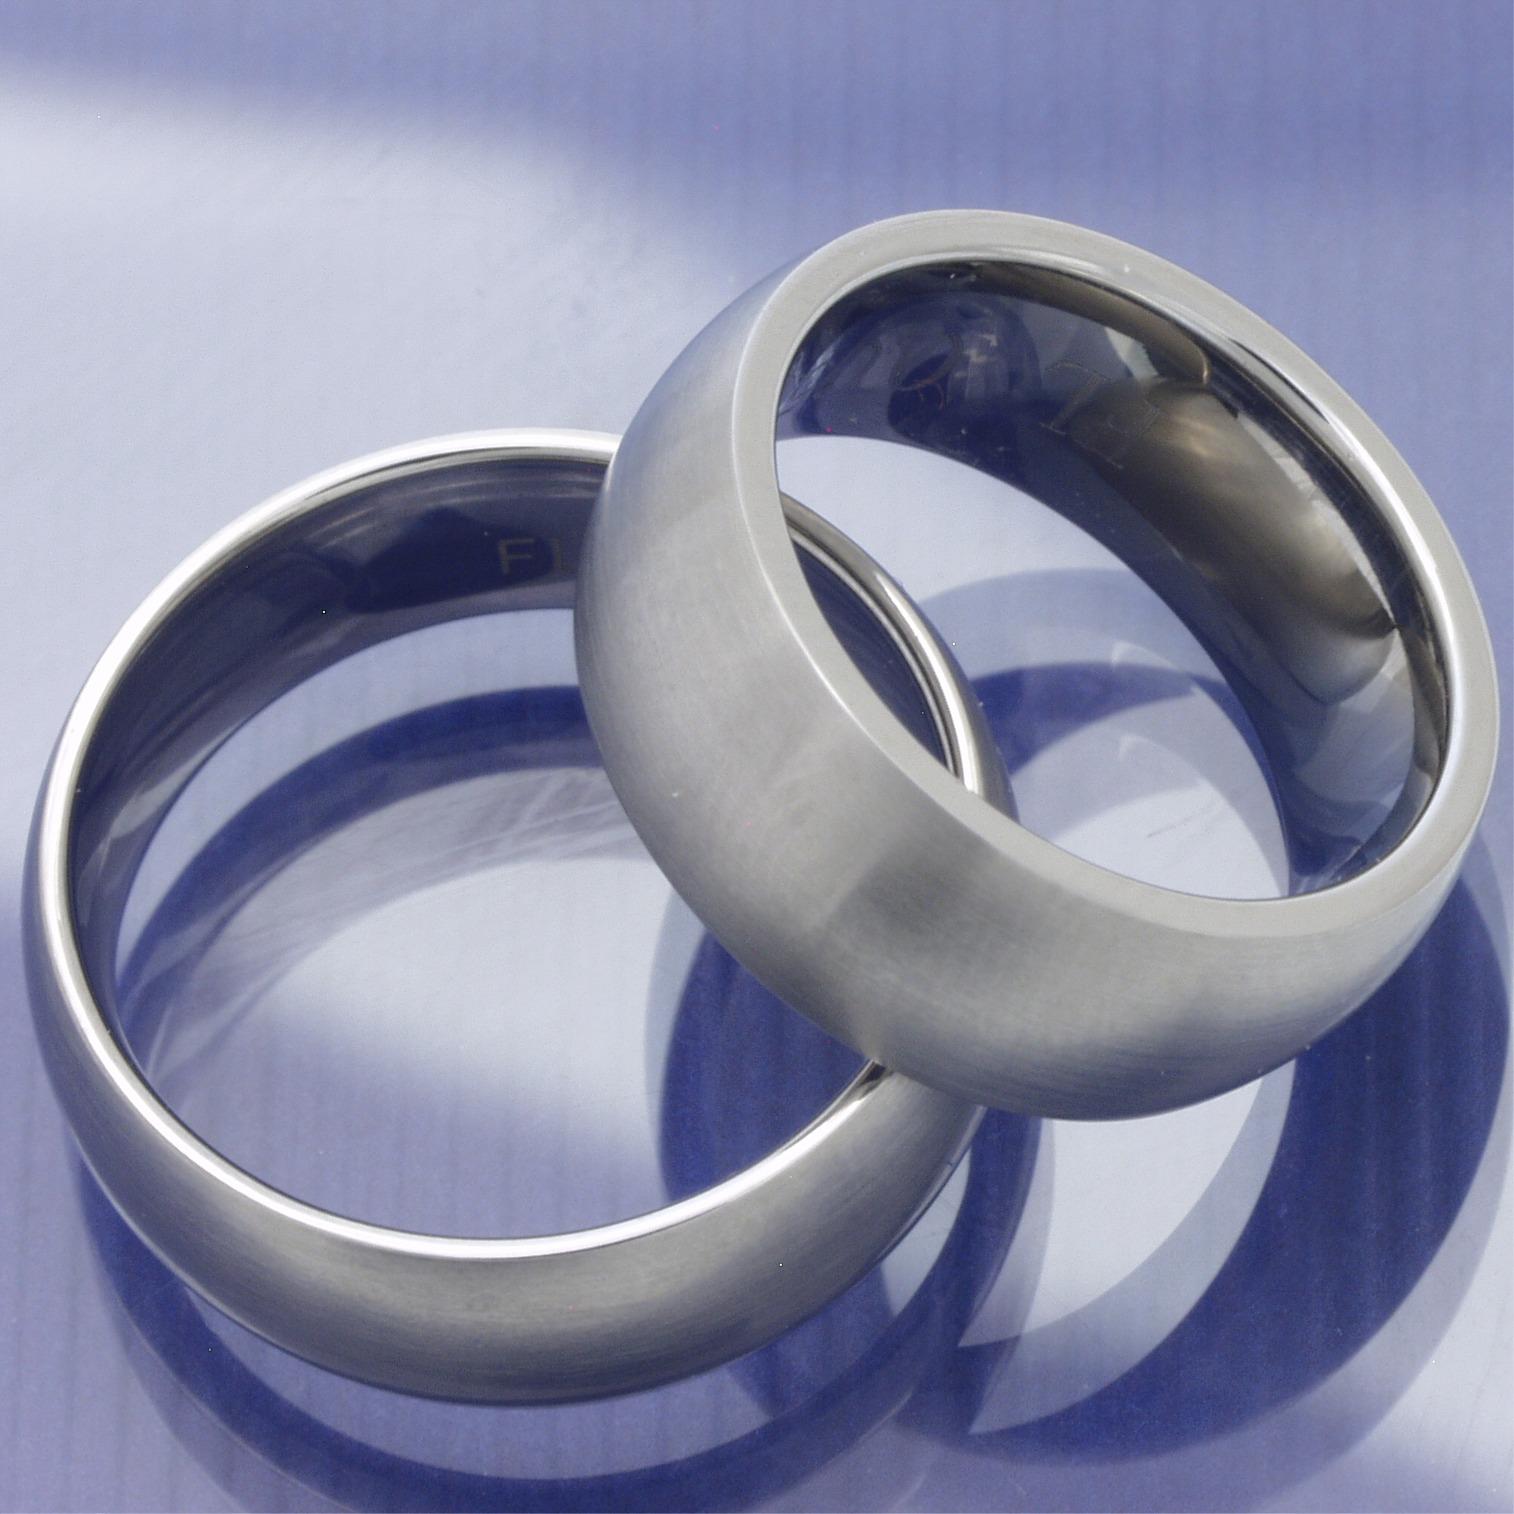 1 Paar Edelstahl EheringeTrauringeFreundschaftsringe ohne Stein P2052692